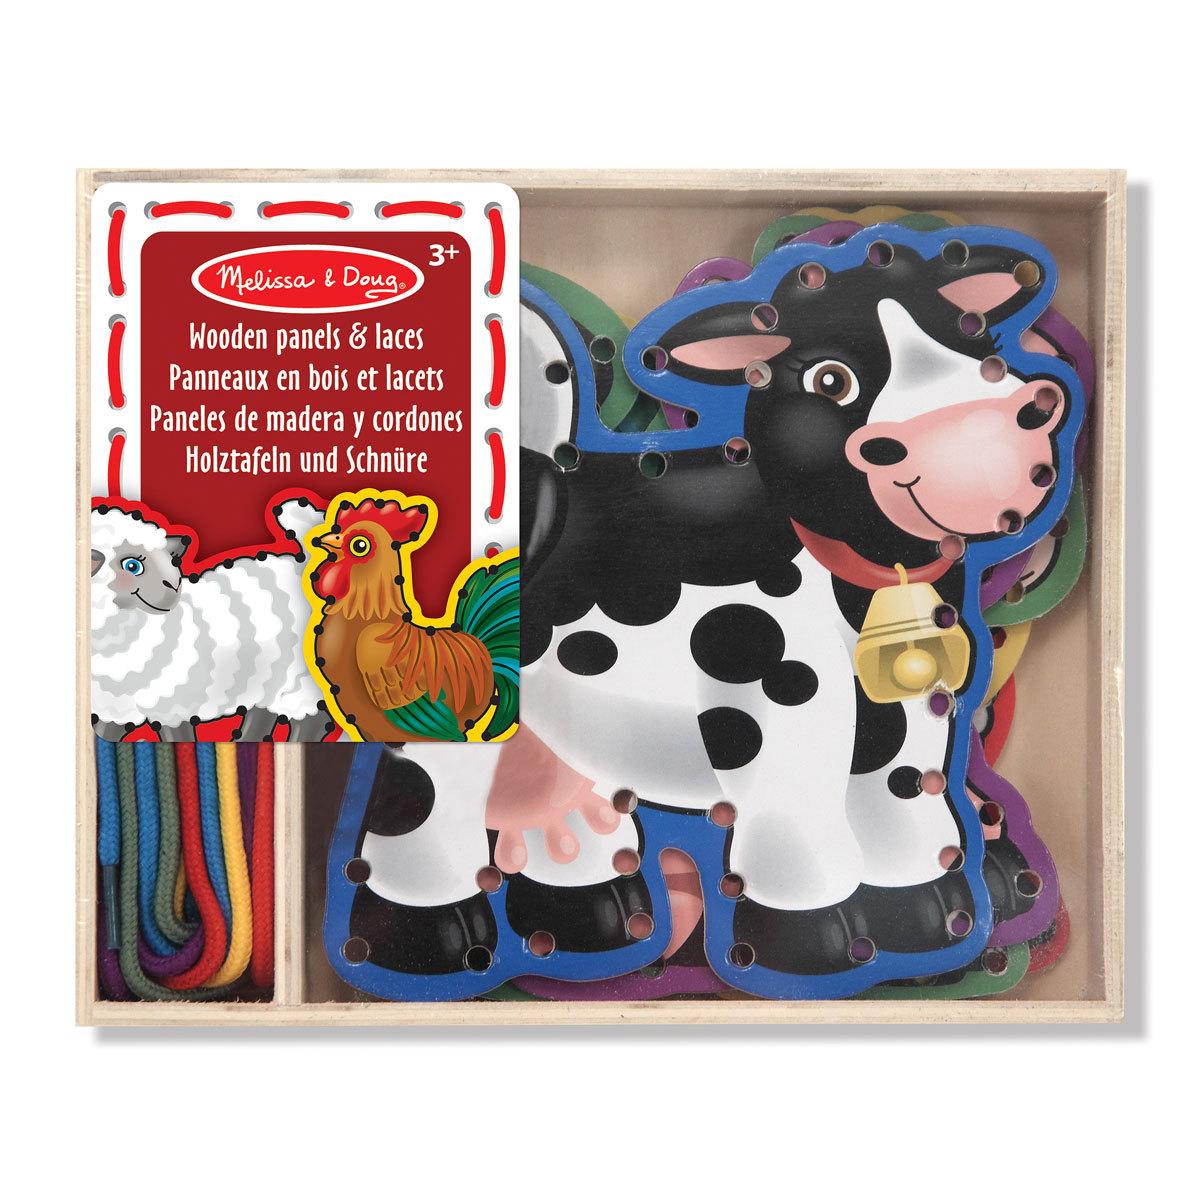 Mes premiers jouets 5 Panneaux en Bois et 5 Lacets Assortis - Animaux de la Ferme 5 Panneaux en Bois et 5 Lacets Assortis - Animaux de la Ferme